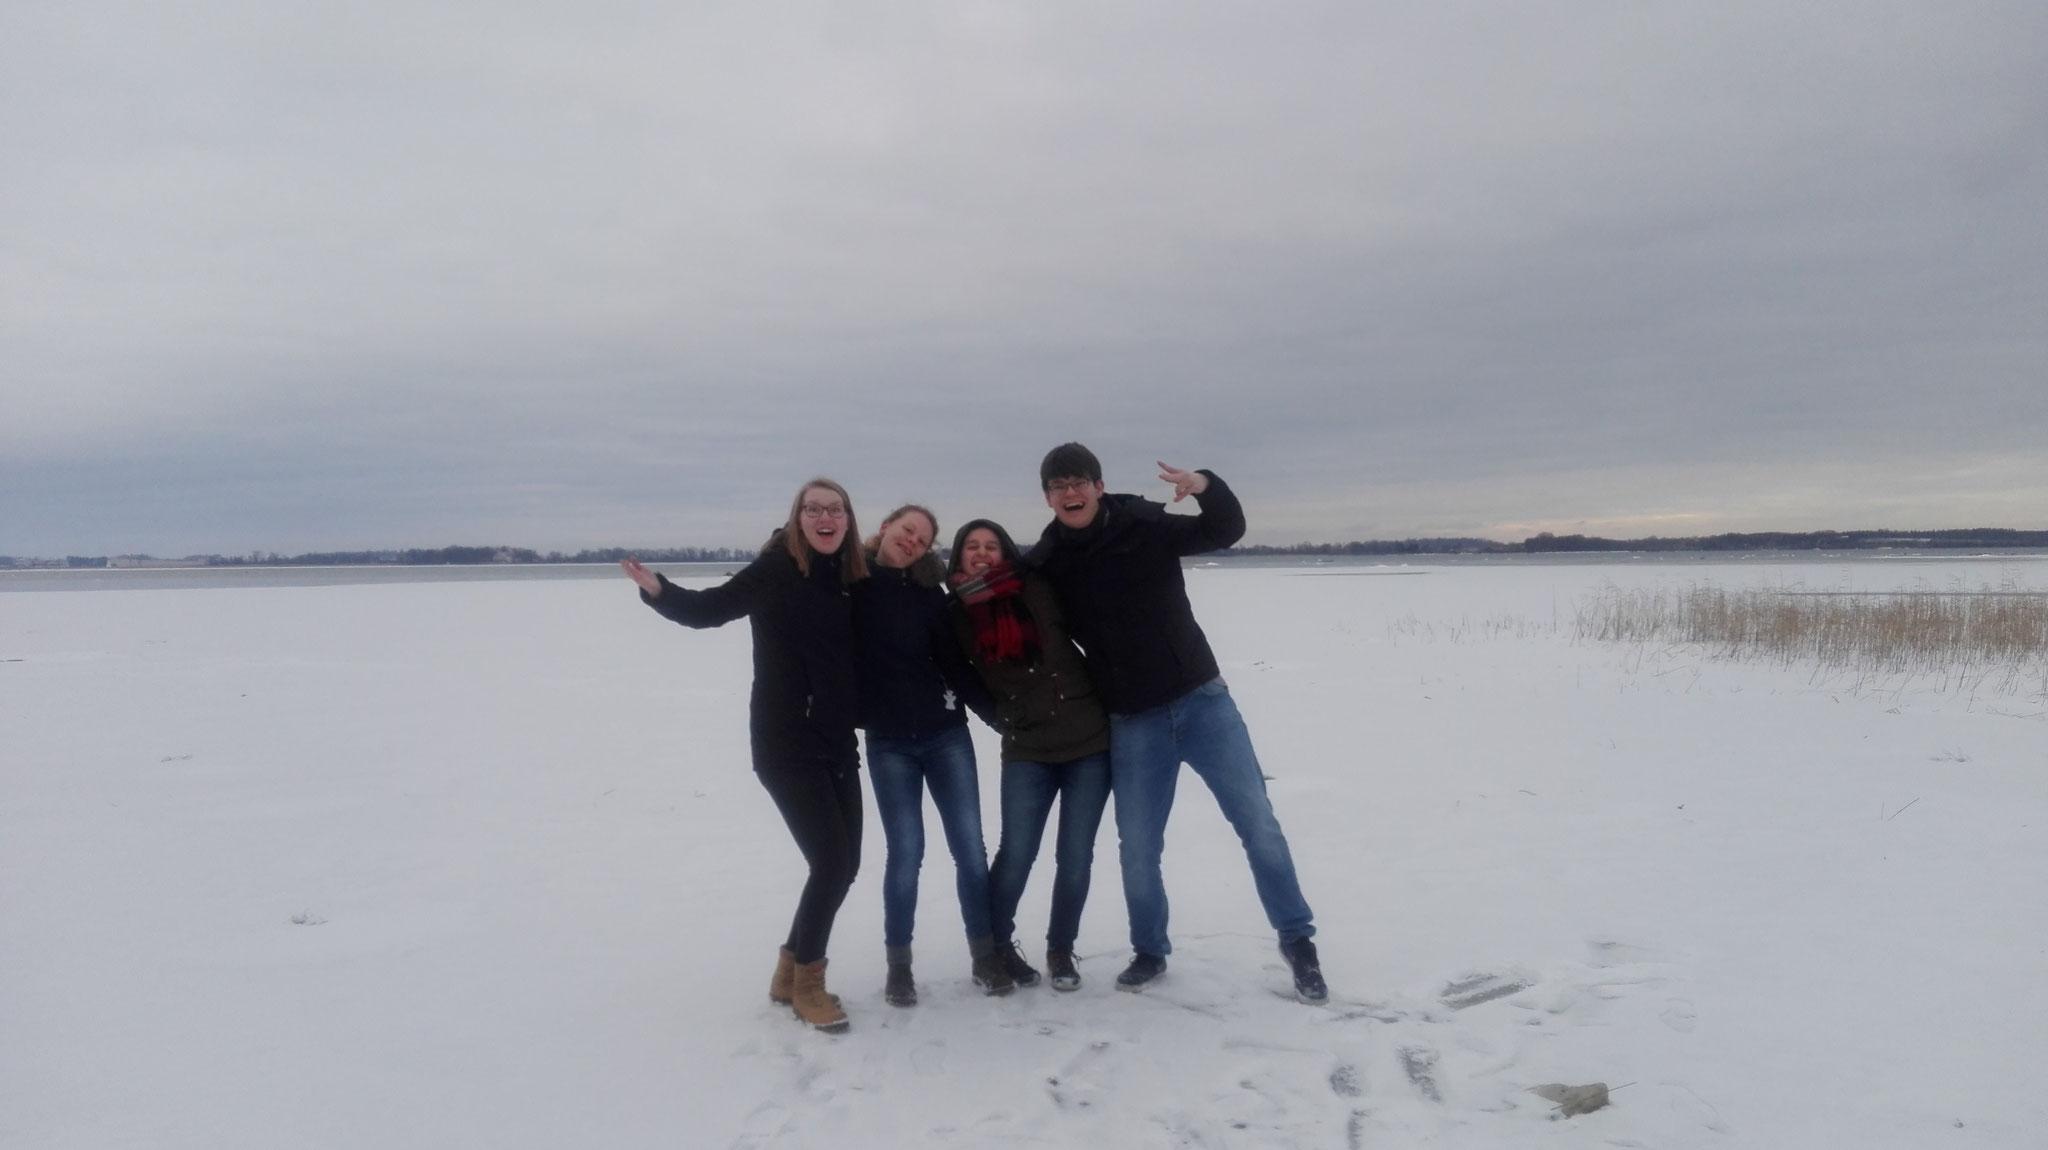 Anne Hemken, Maris Lohmöller, Raphaela Polk und Marcel Fischer auf dem Vättern-See in Vadstena